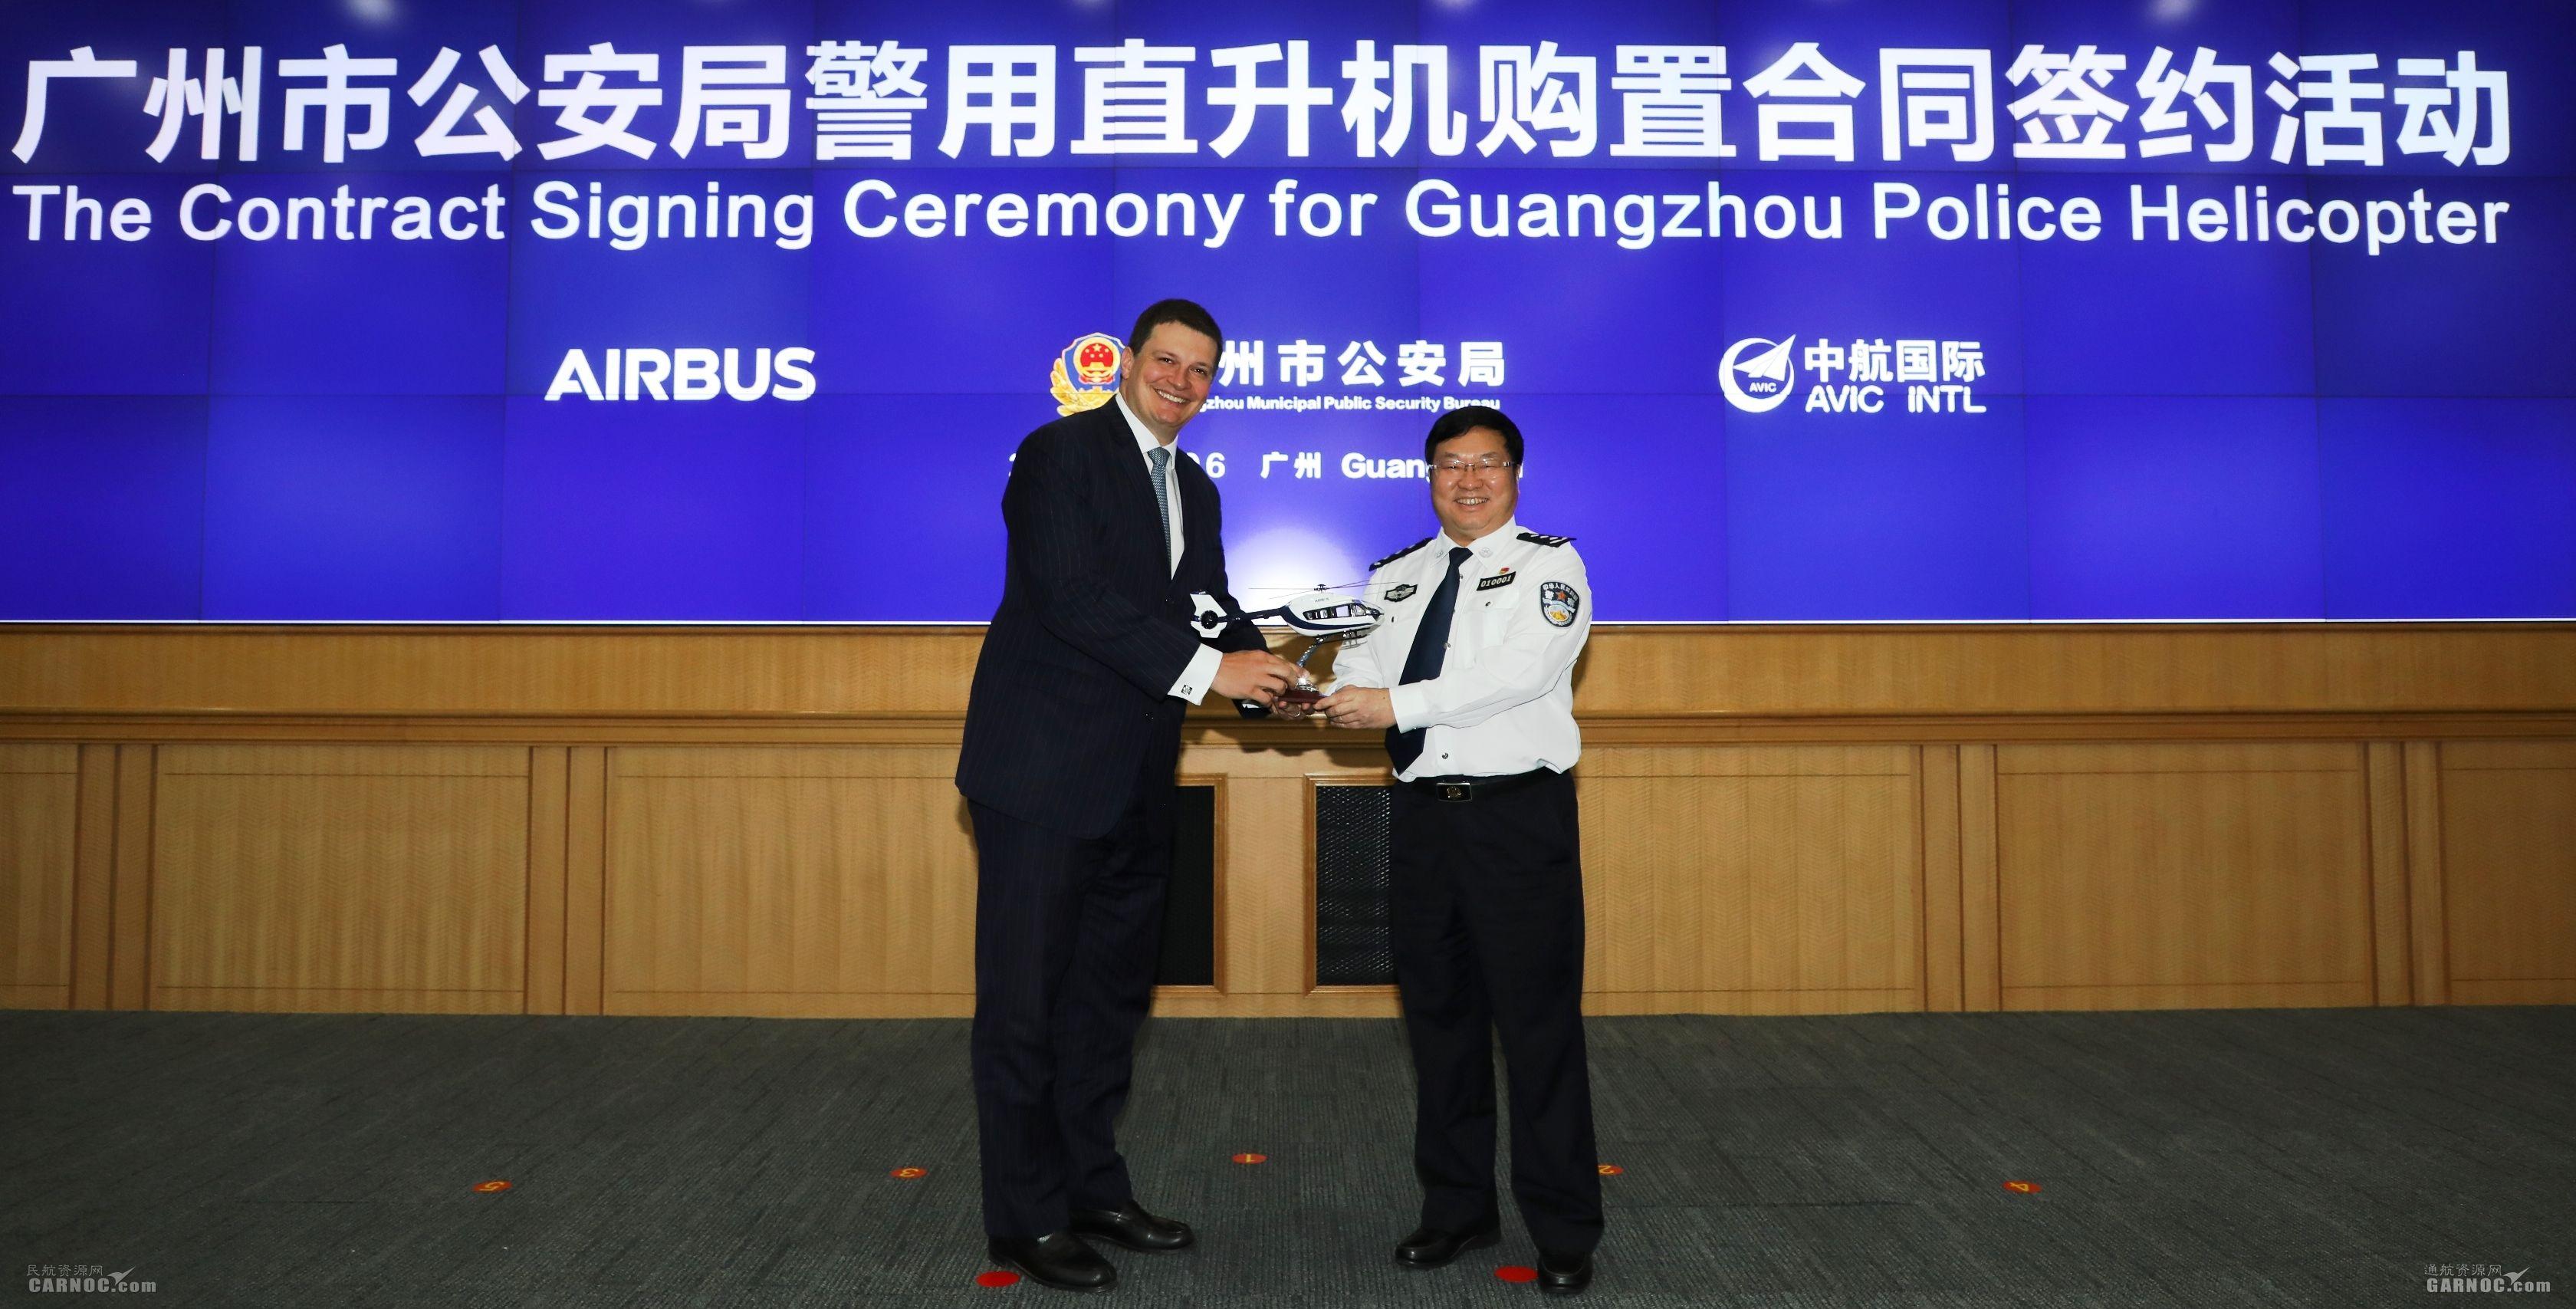 广州市公安局扩大其H145机队 预计2019年交付